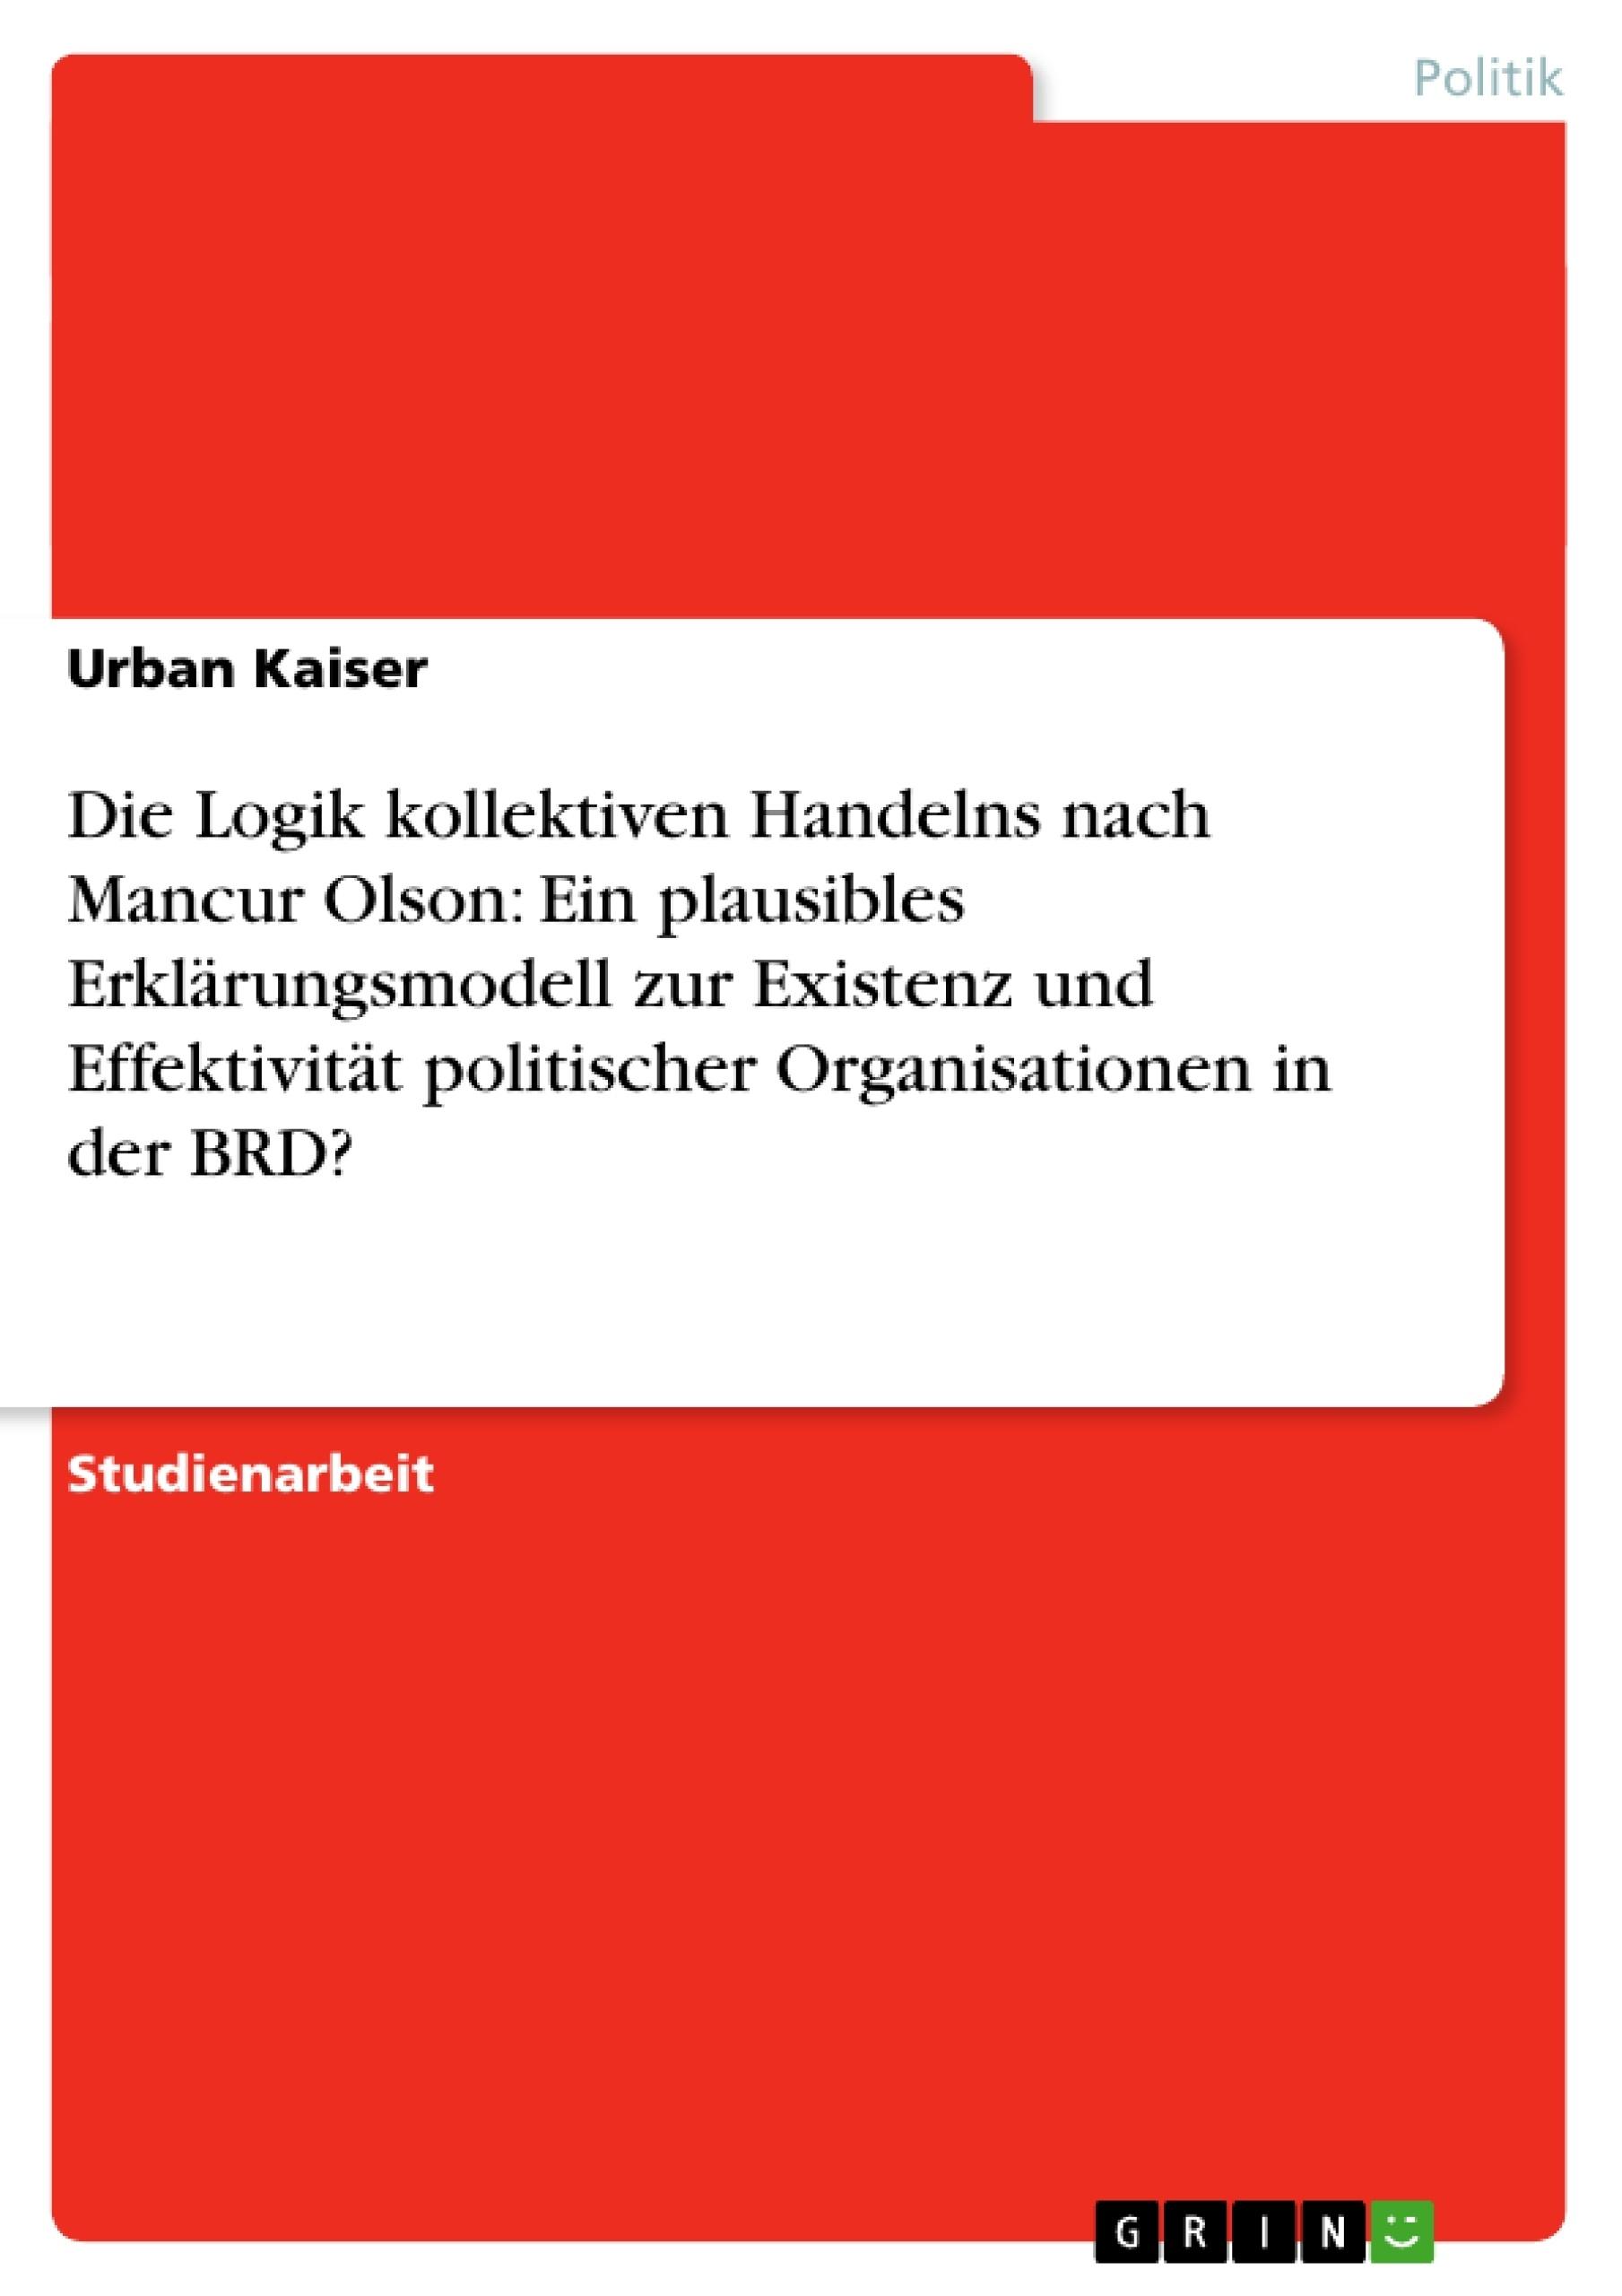 Titel: Die Logik kollektiven Handelns nach Mancur Olson: Ein plausibles Erklärungsmodell zur Existenz und Effektivität politischer Organisationen in der BRD?